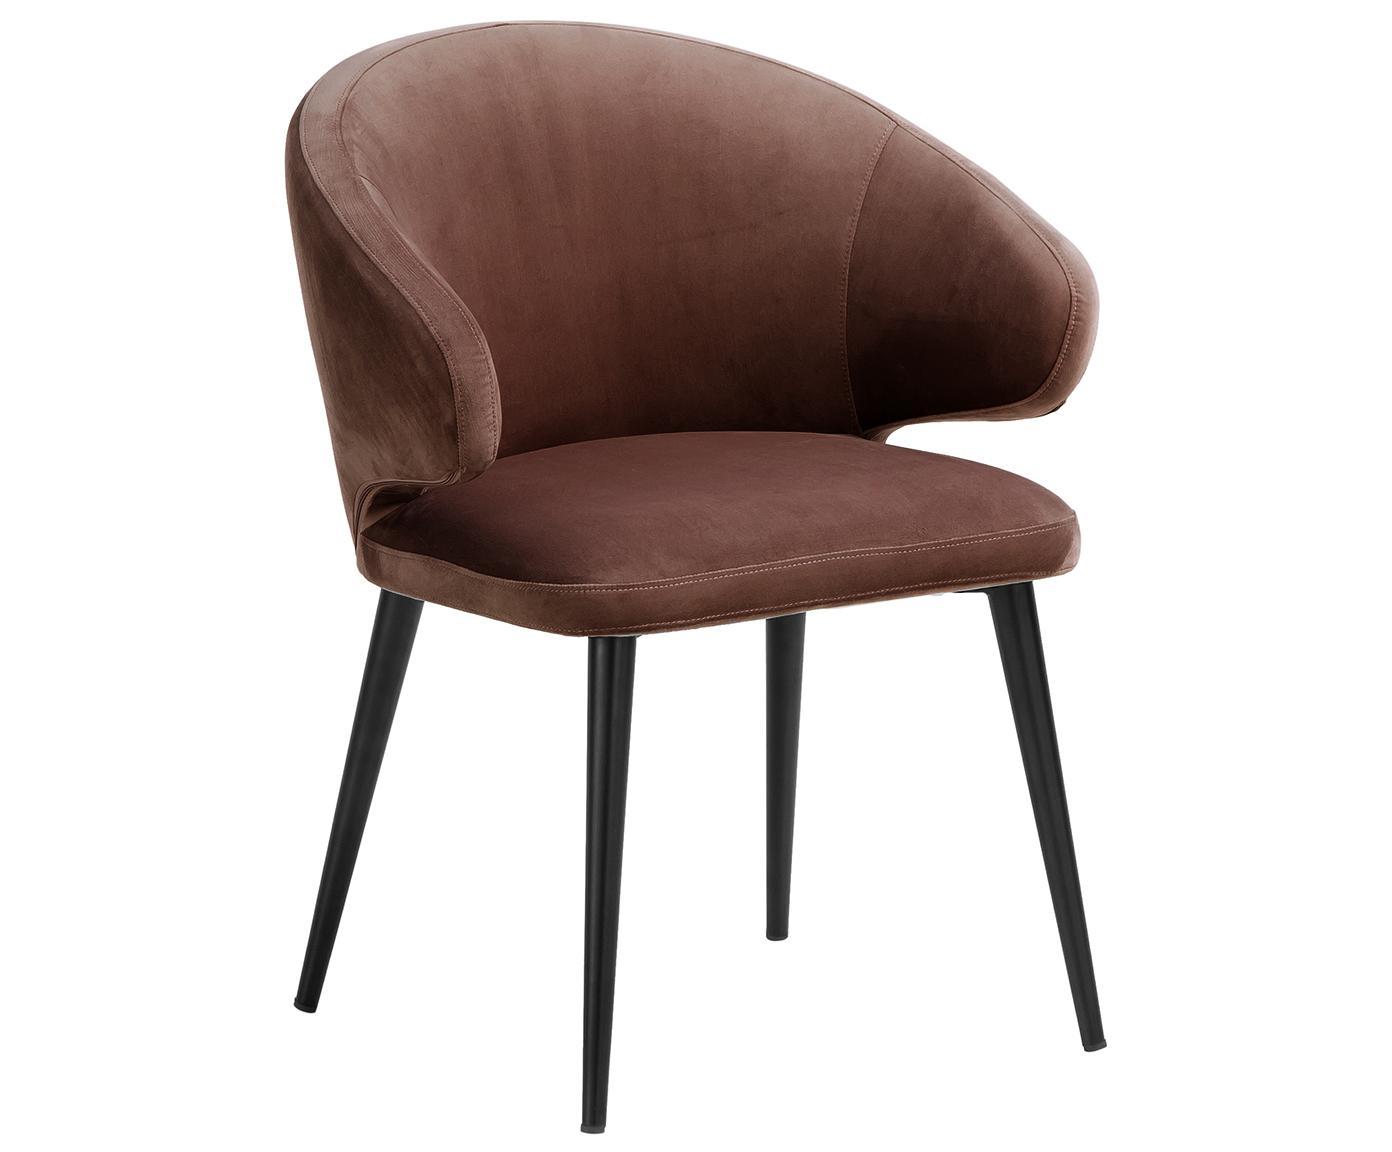 Krzesło z podłokietnikami z aksamitu Celia, Tapicerka: aksamit (poliester) 3000, Nogi: metal malowany proszkowo, Brązowy, S 57 x G 62 cm